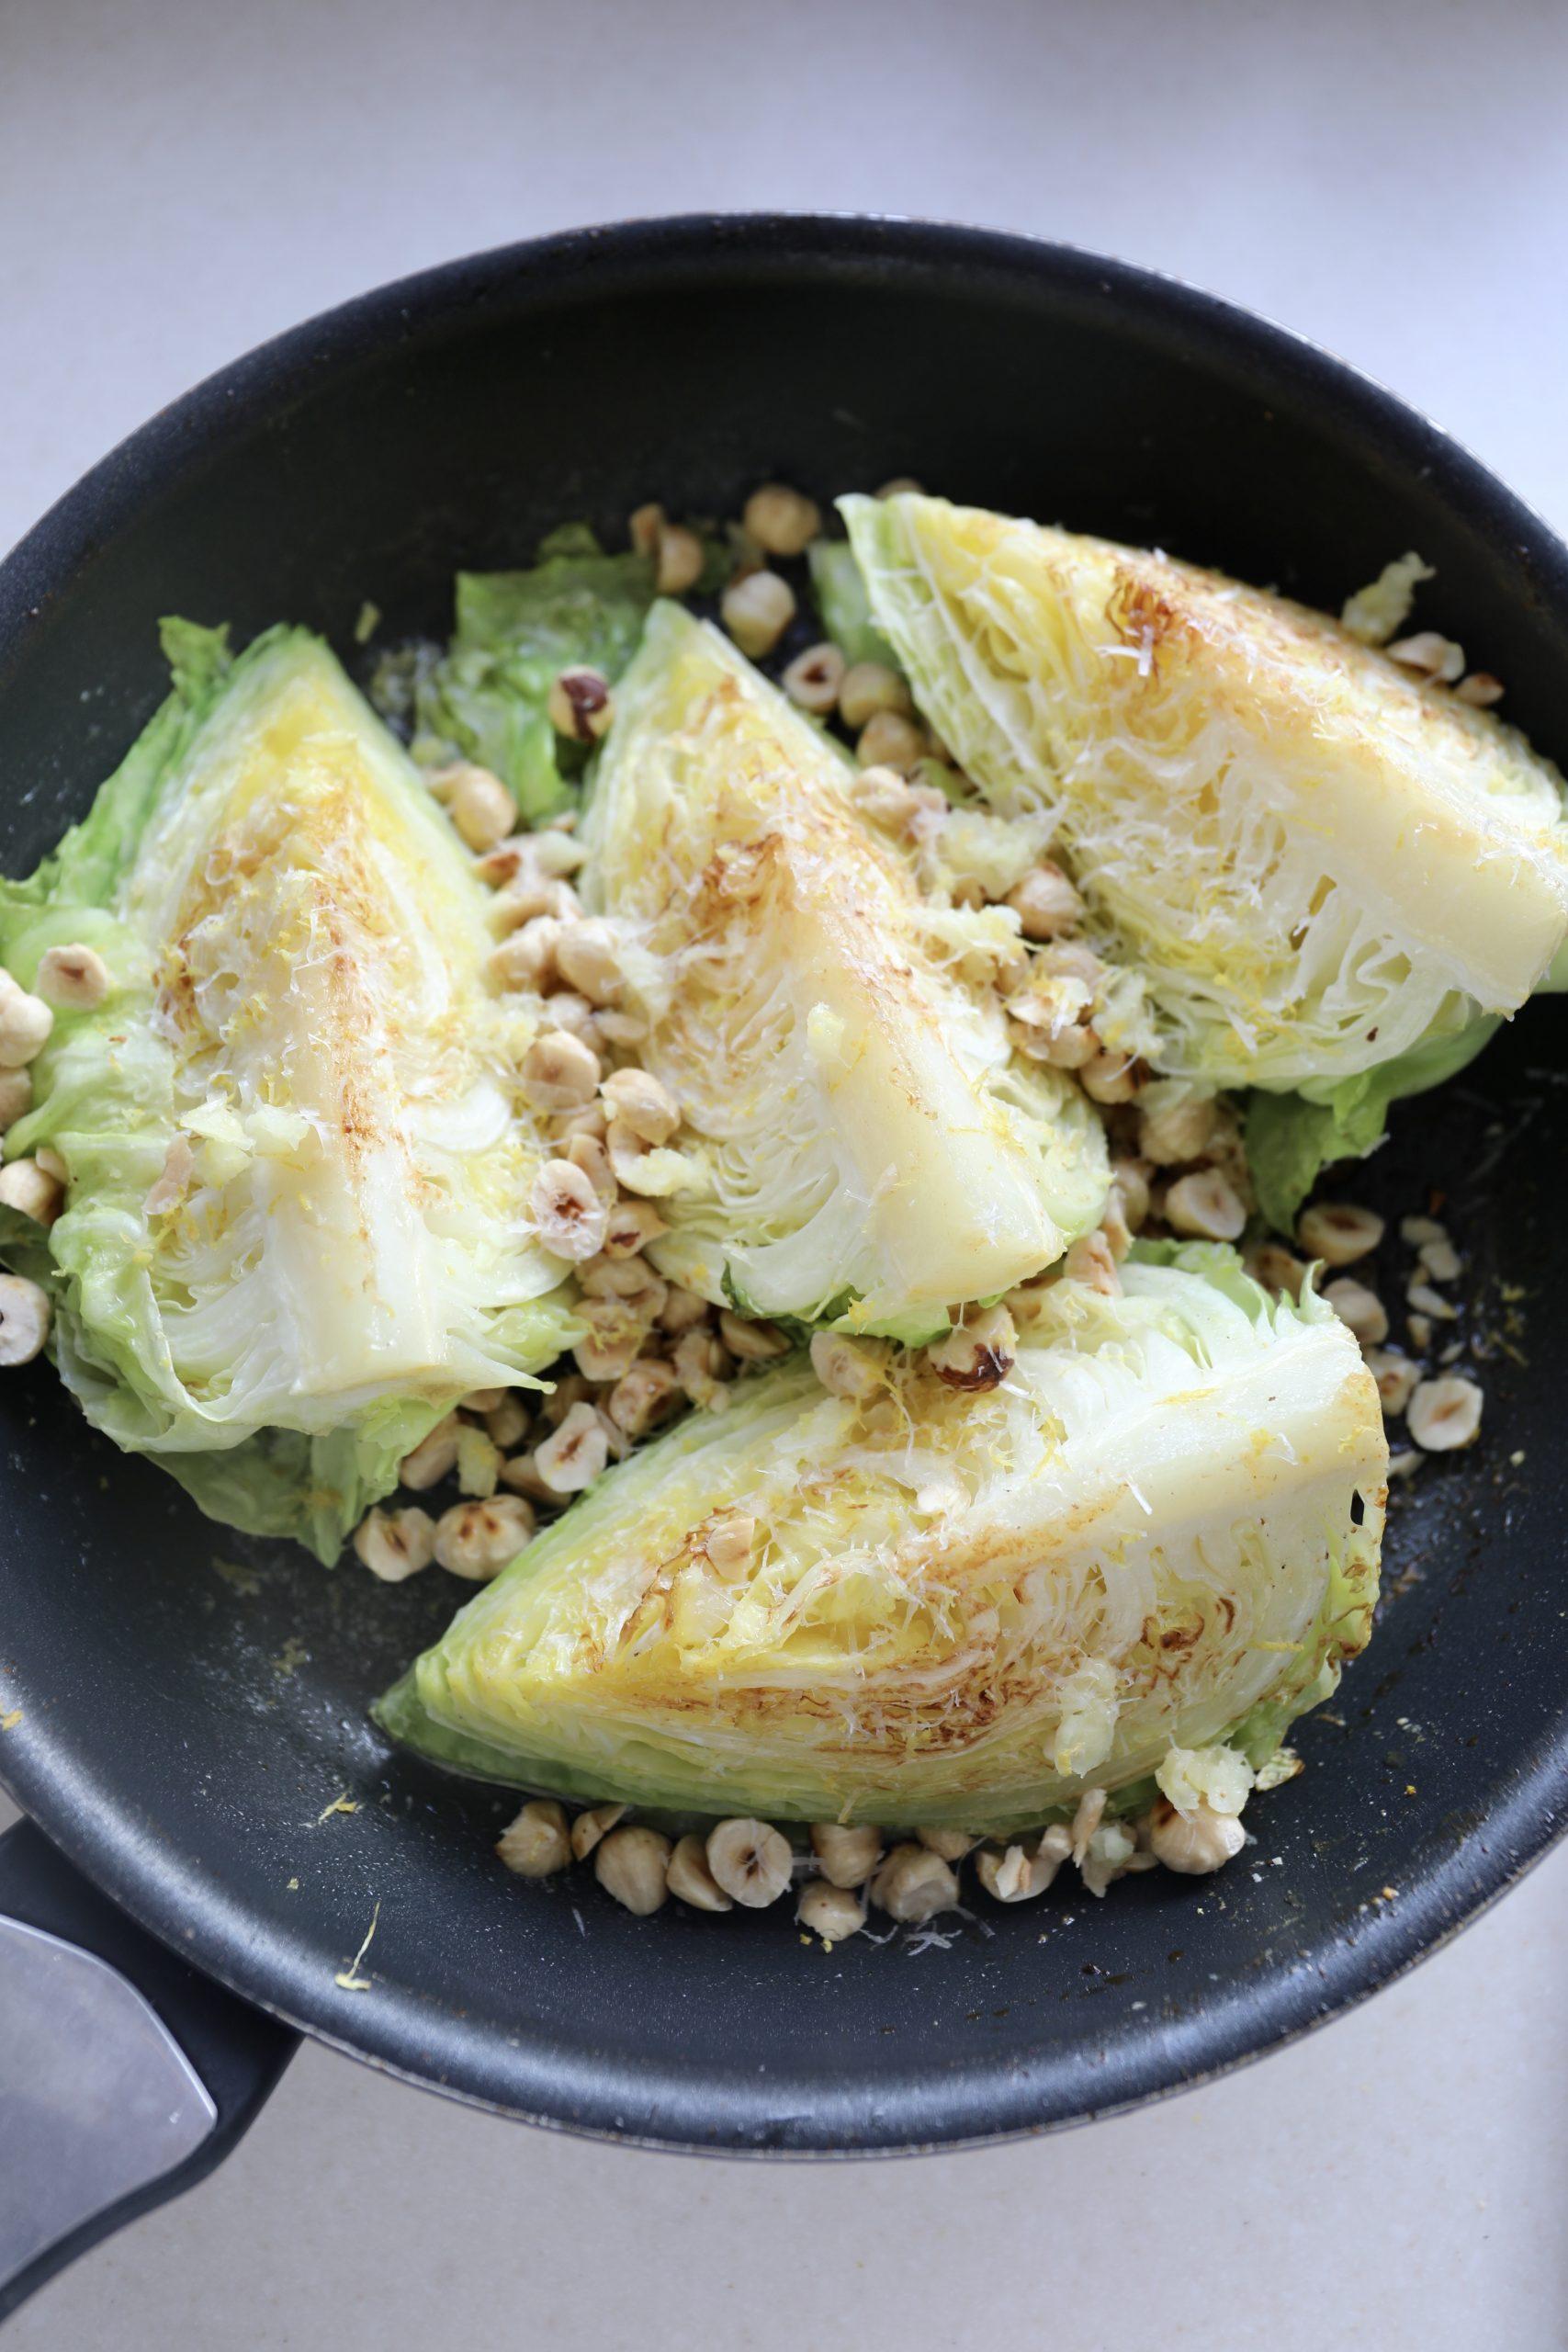 Smørstegt spidskål med parmesan og hasselnødder